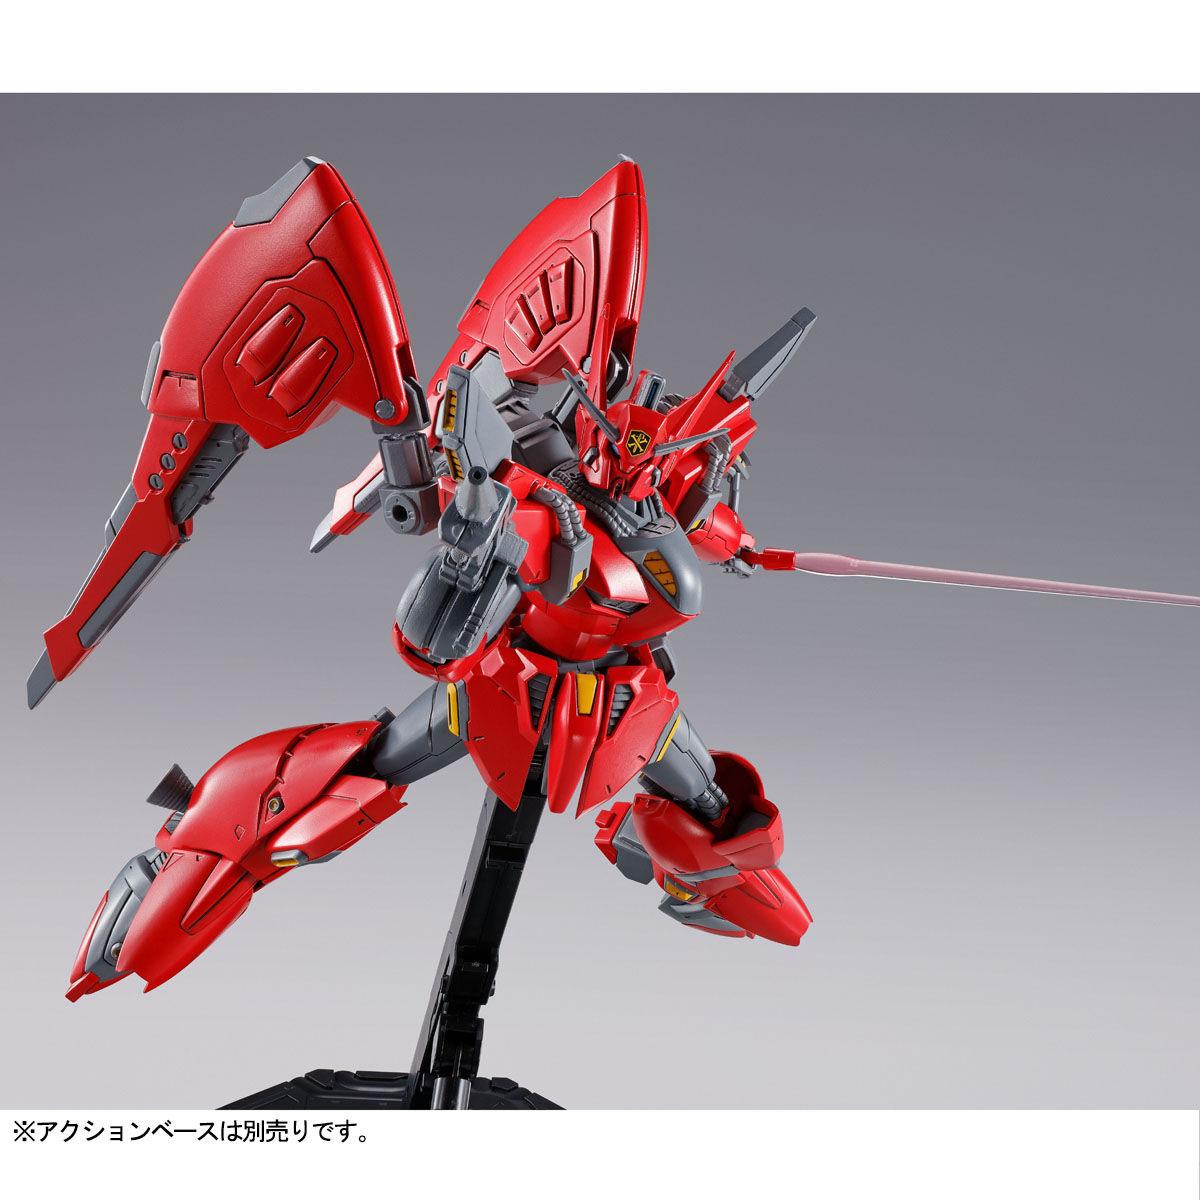 【限定販売】RE/100 1/100『ビギナ・ゼラ』シルエットフォーミュラ91 プラモデル-008